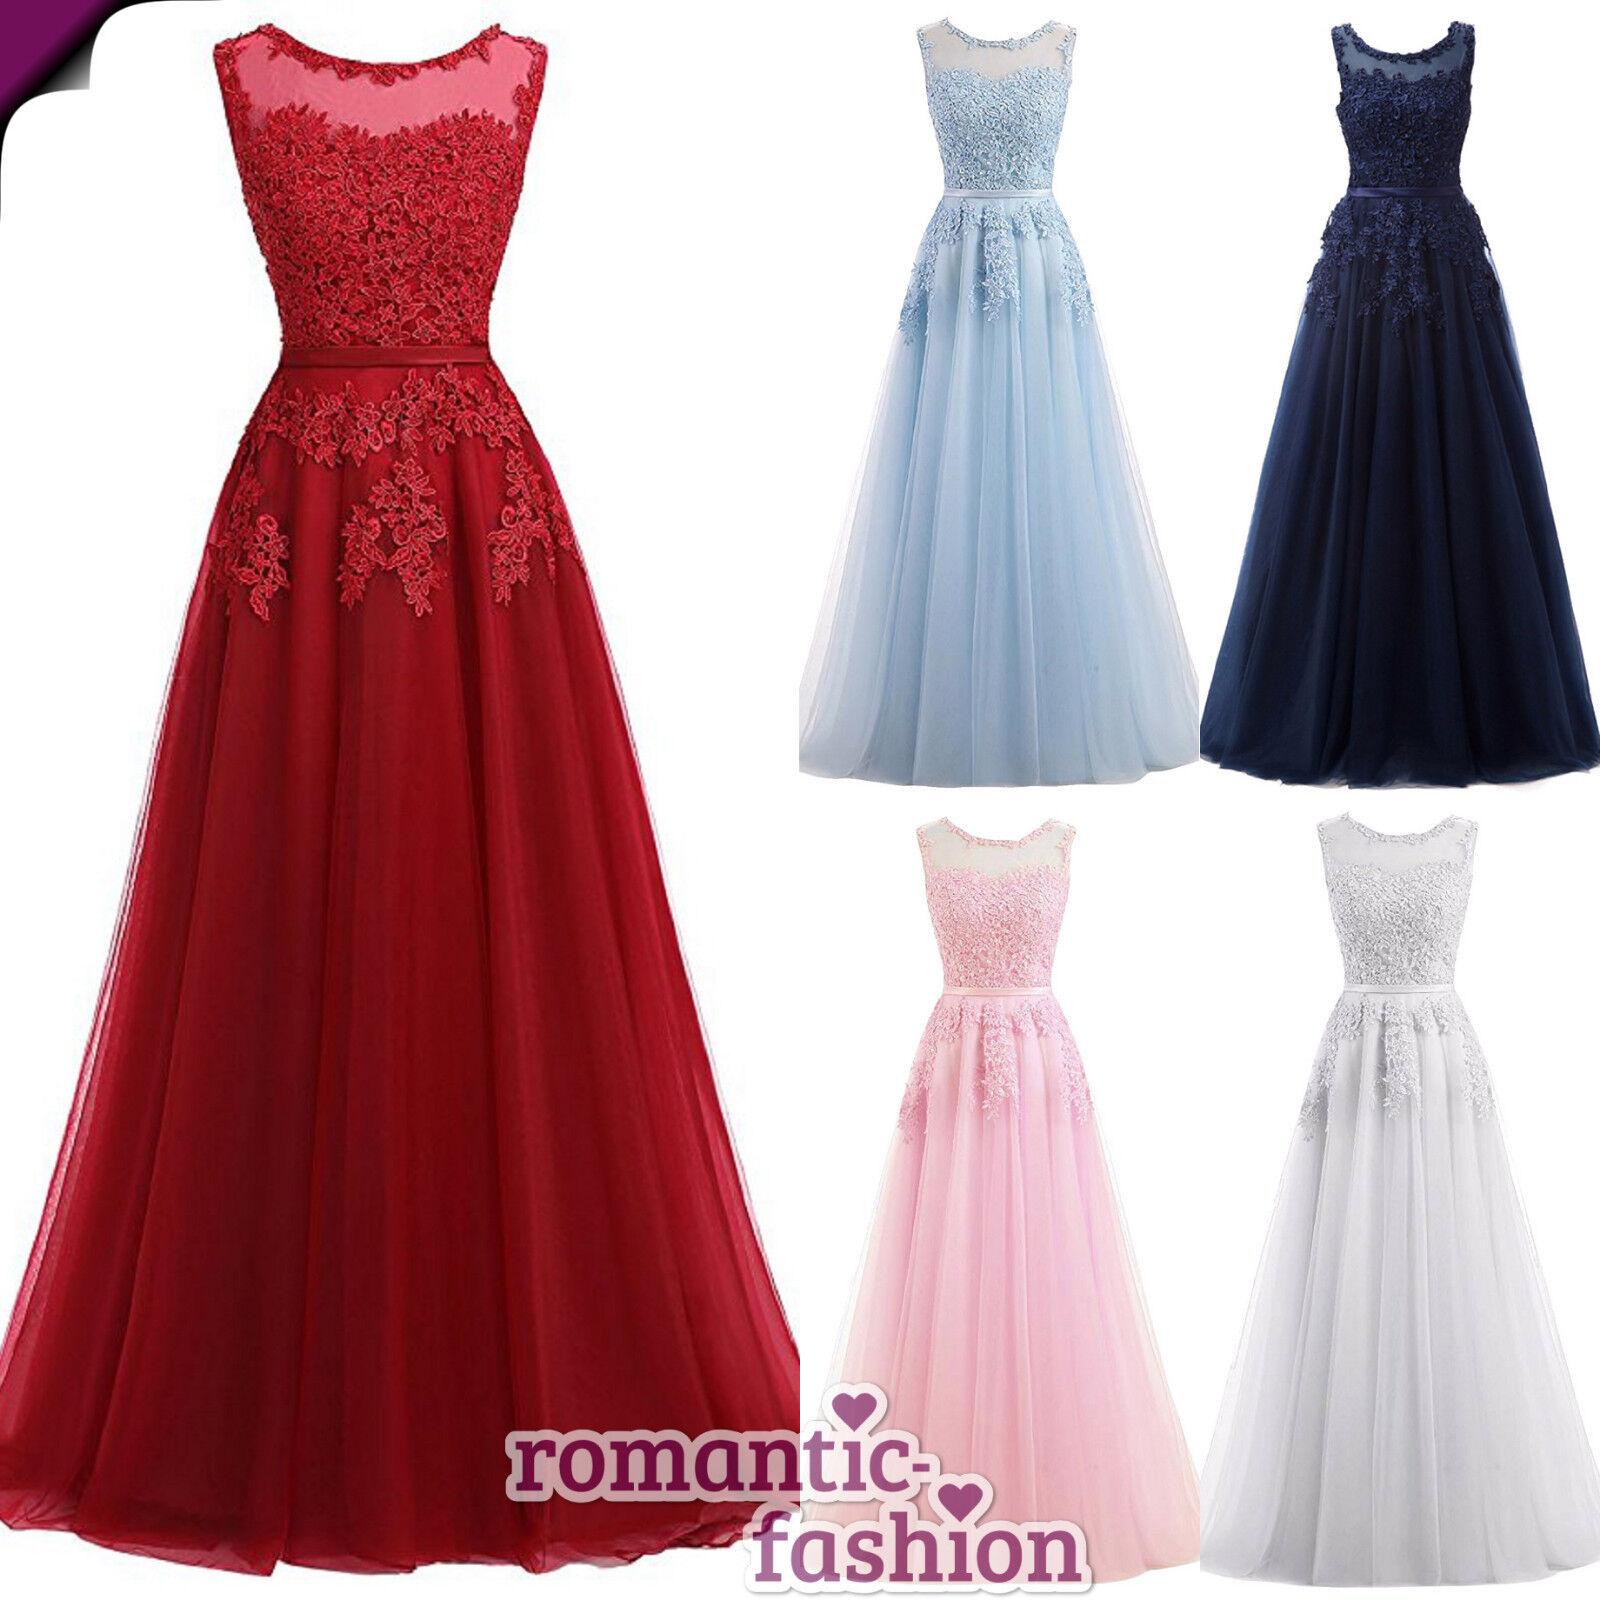 ♥Abendkleid Ballkleid Hochzeitkleid Brautkleid Größe 34-54 und 8 Farben+NEU♥